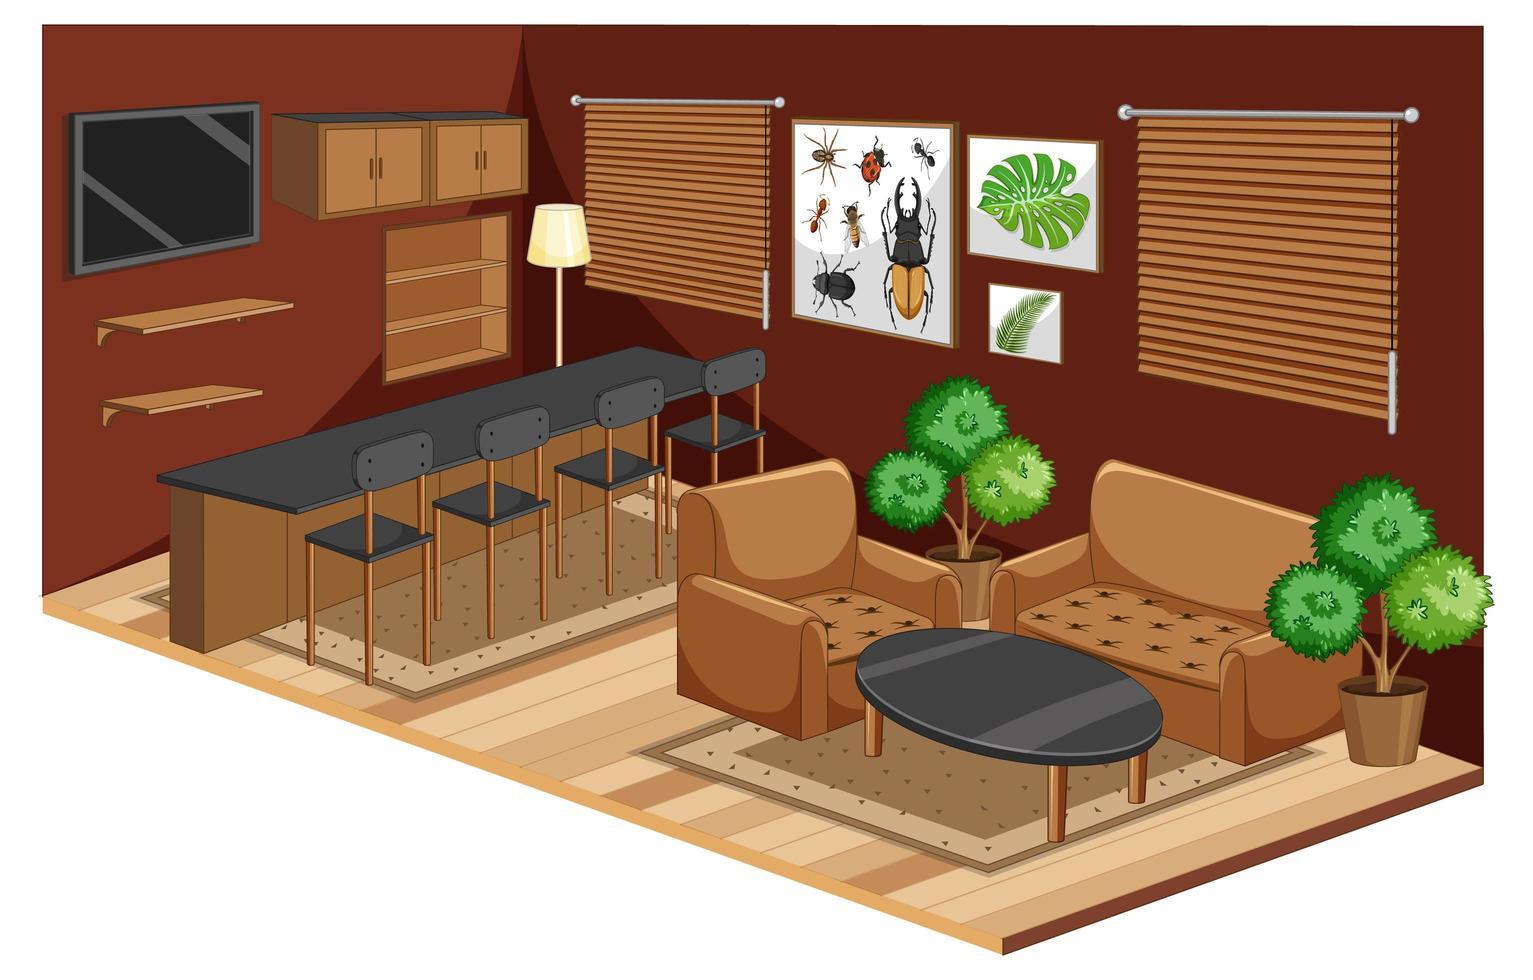 Wohnzimmer Interieur mit Möbeln in brauner Farbe Stil vektor